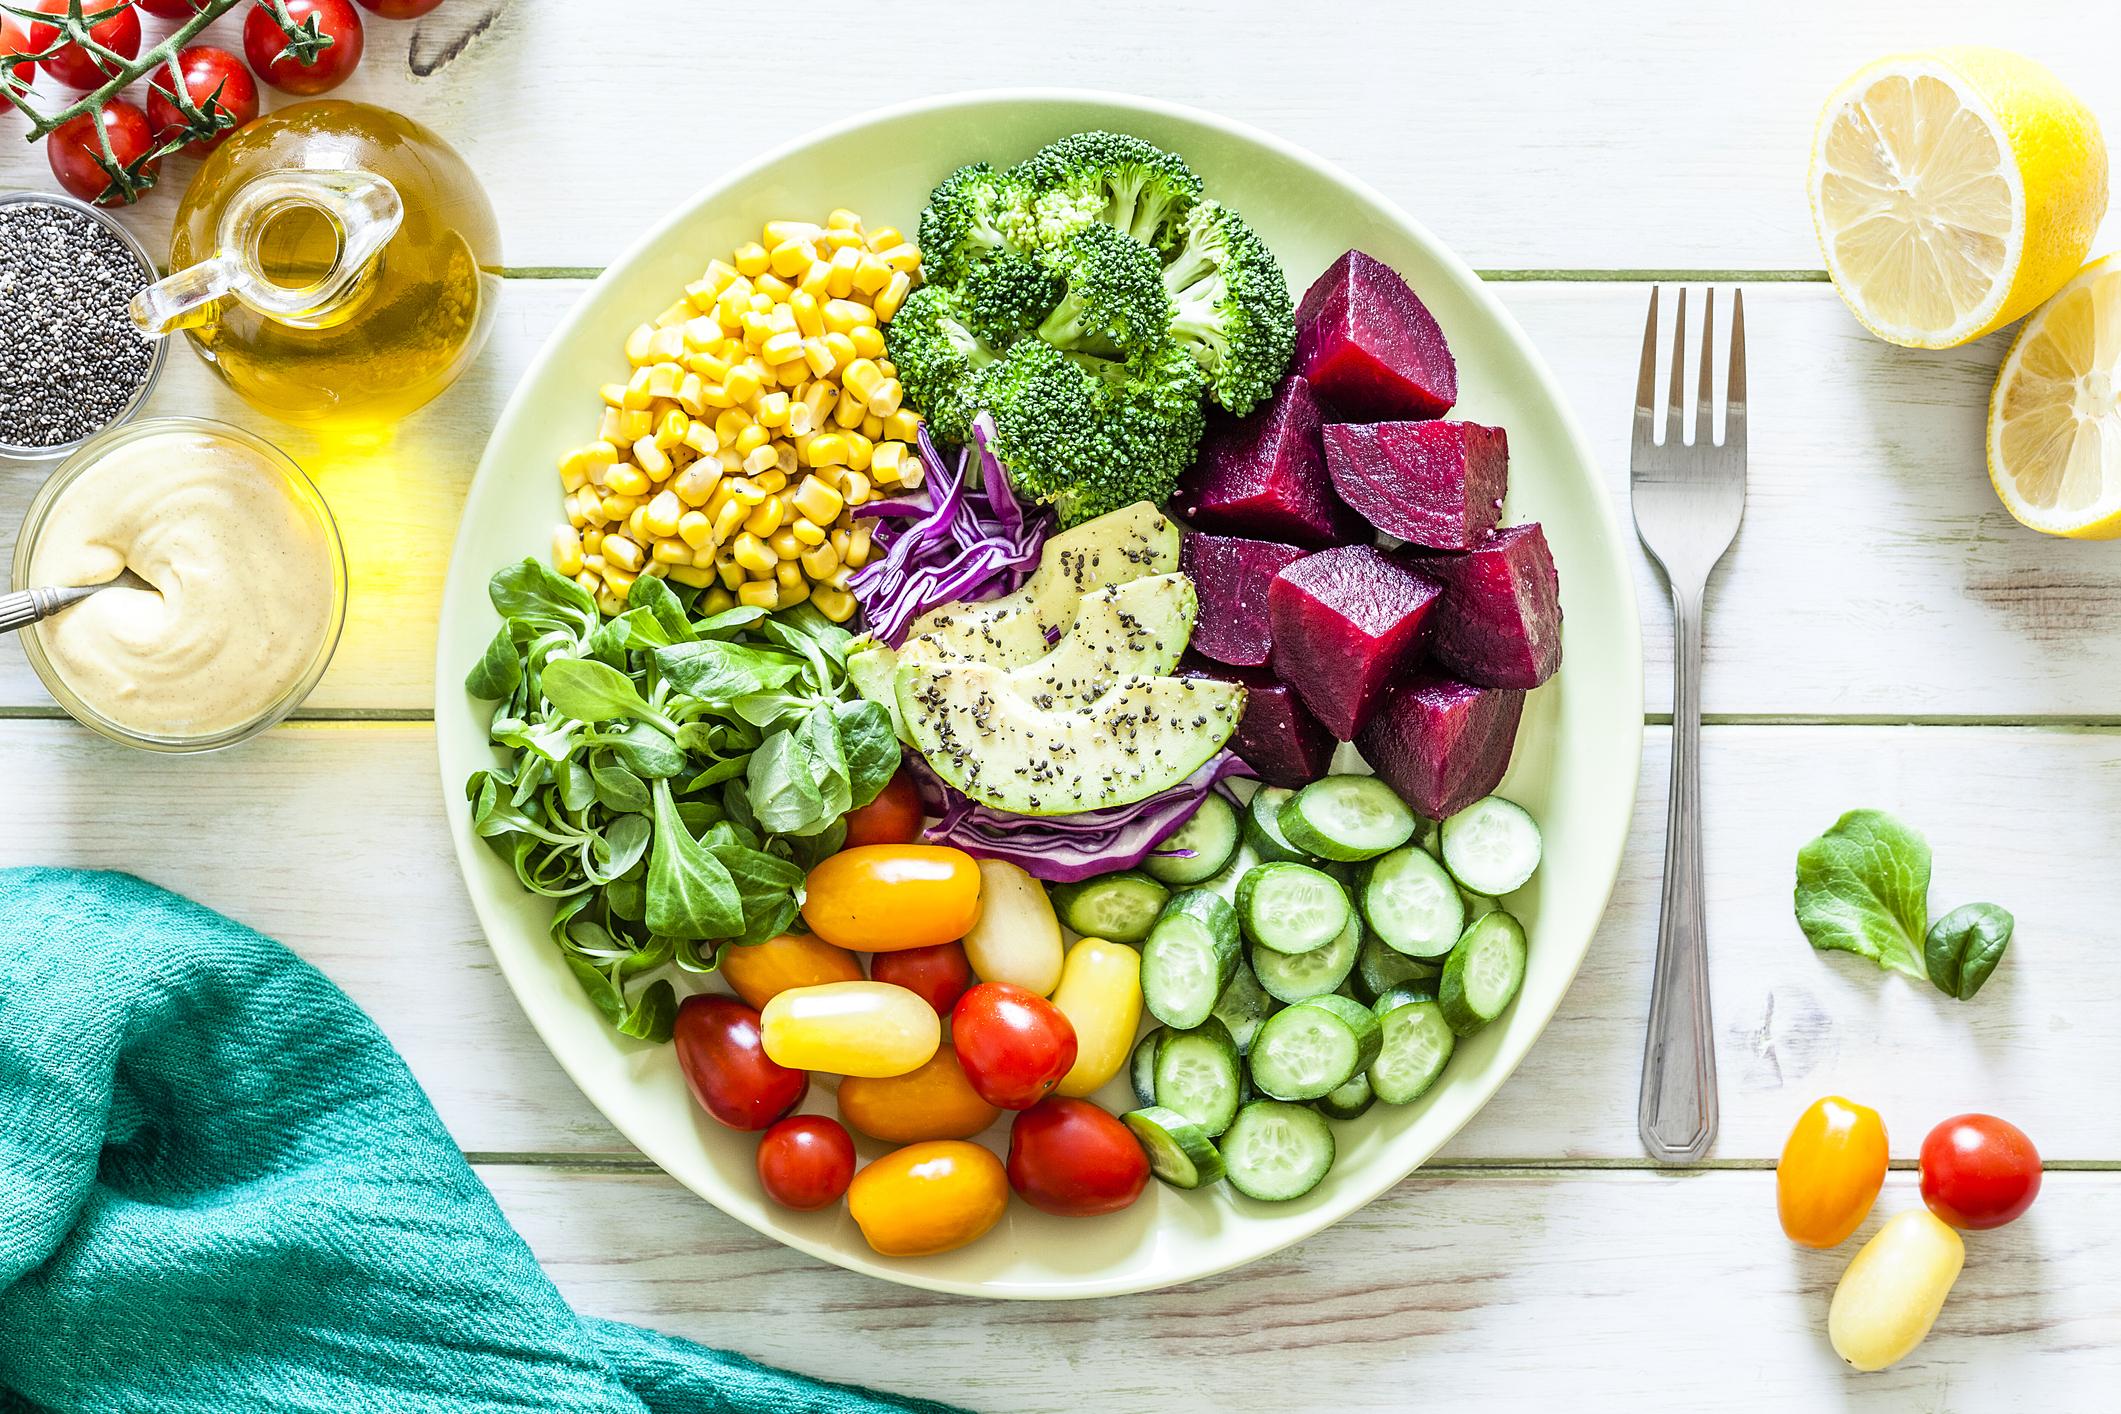 Sağlık için tabaklarınız 'renkli' olsun